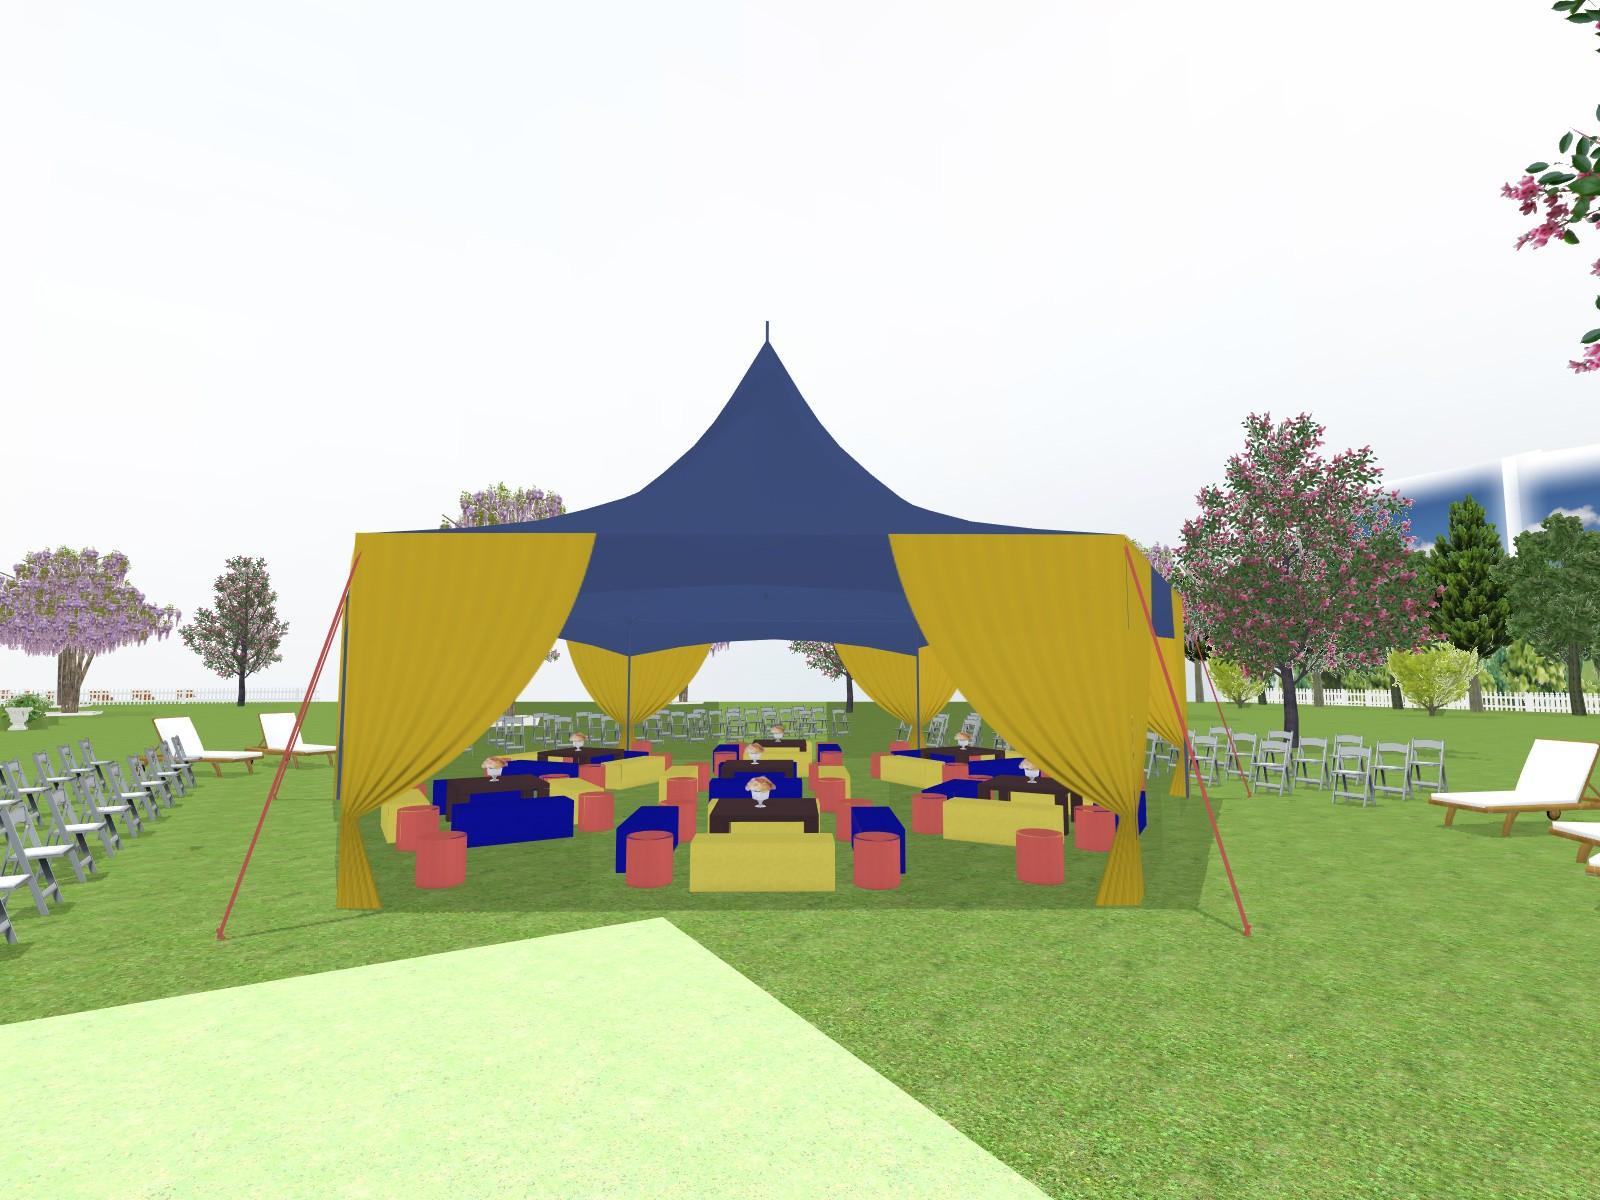 Prestations Plan 3d Evenement Mariage Anniversaire Décoration Evenementielle France Implantation 3d Tente De Reception